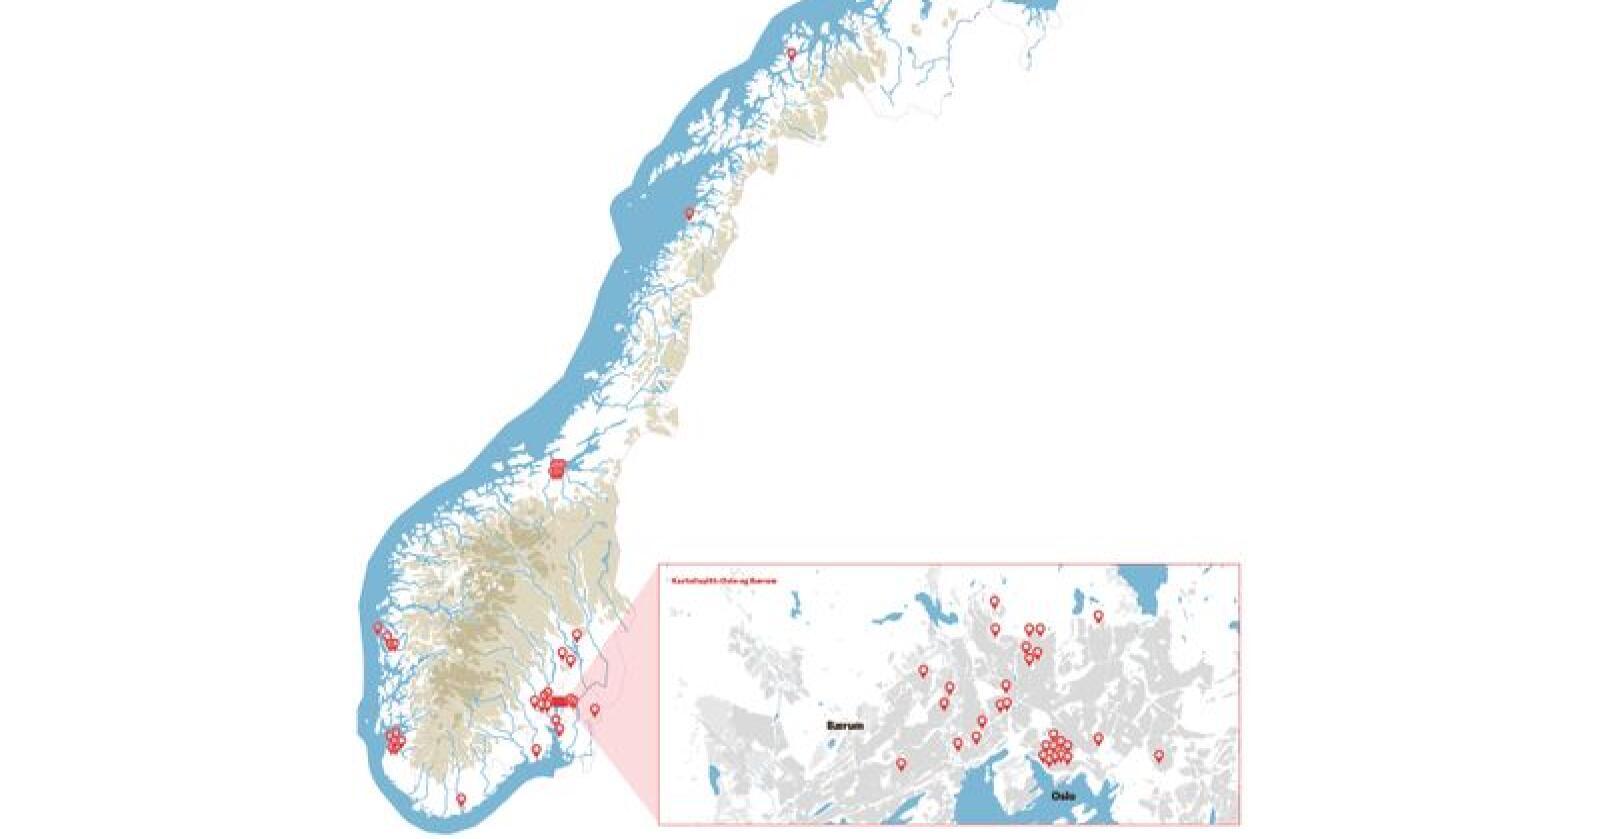 42 av 74 styreledere i selskaper der staten har eierandel har bostedsadresse i Stor-Oslo. Det geografiske mangfoldet i styrerommene har blitt mer storbytungt under Erna Solbergs regjering, viser Nationens gjennomgang av styresammensettingene.